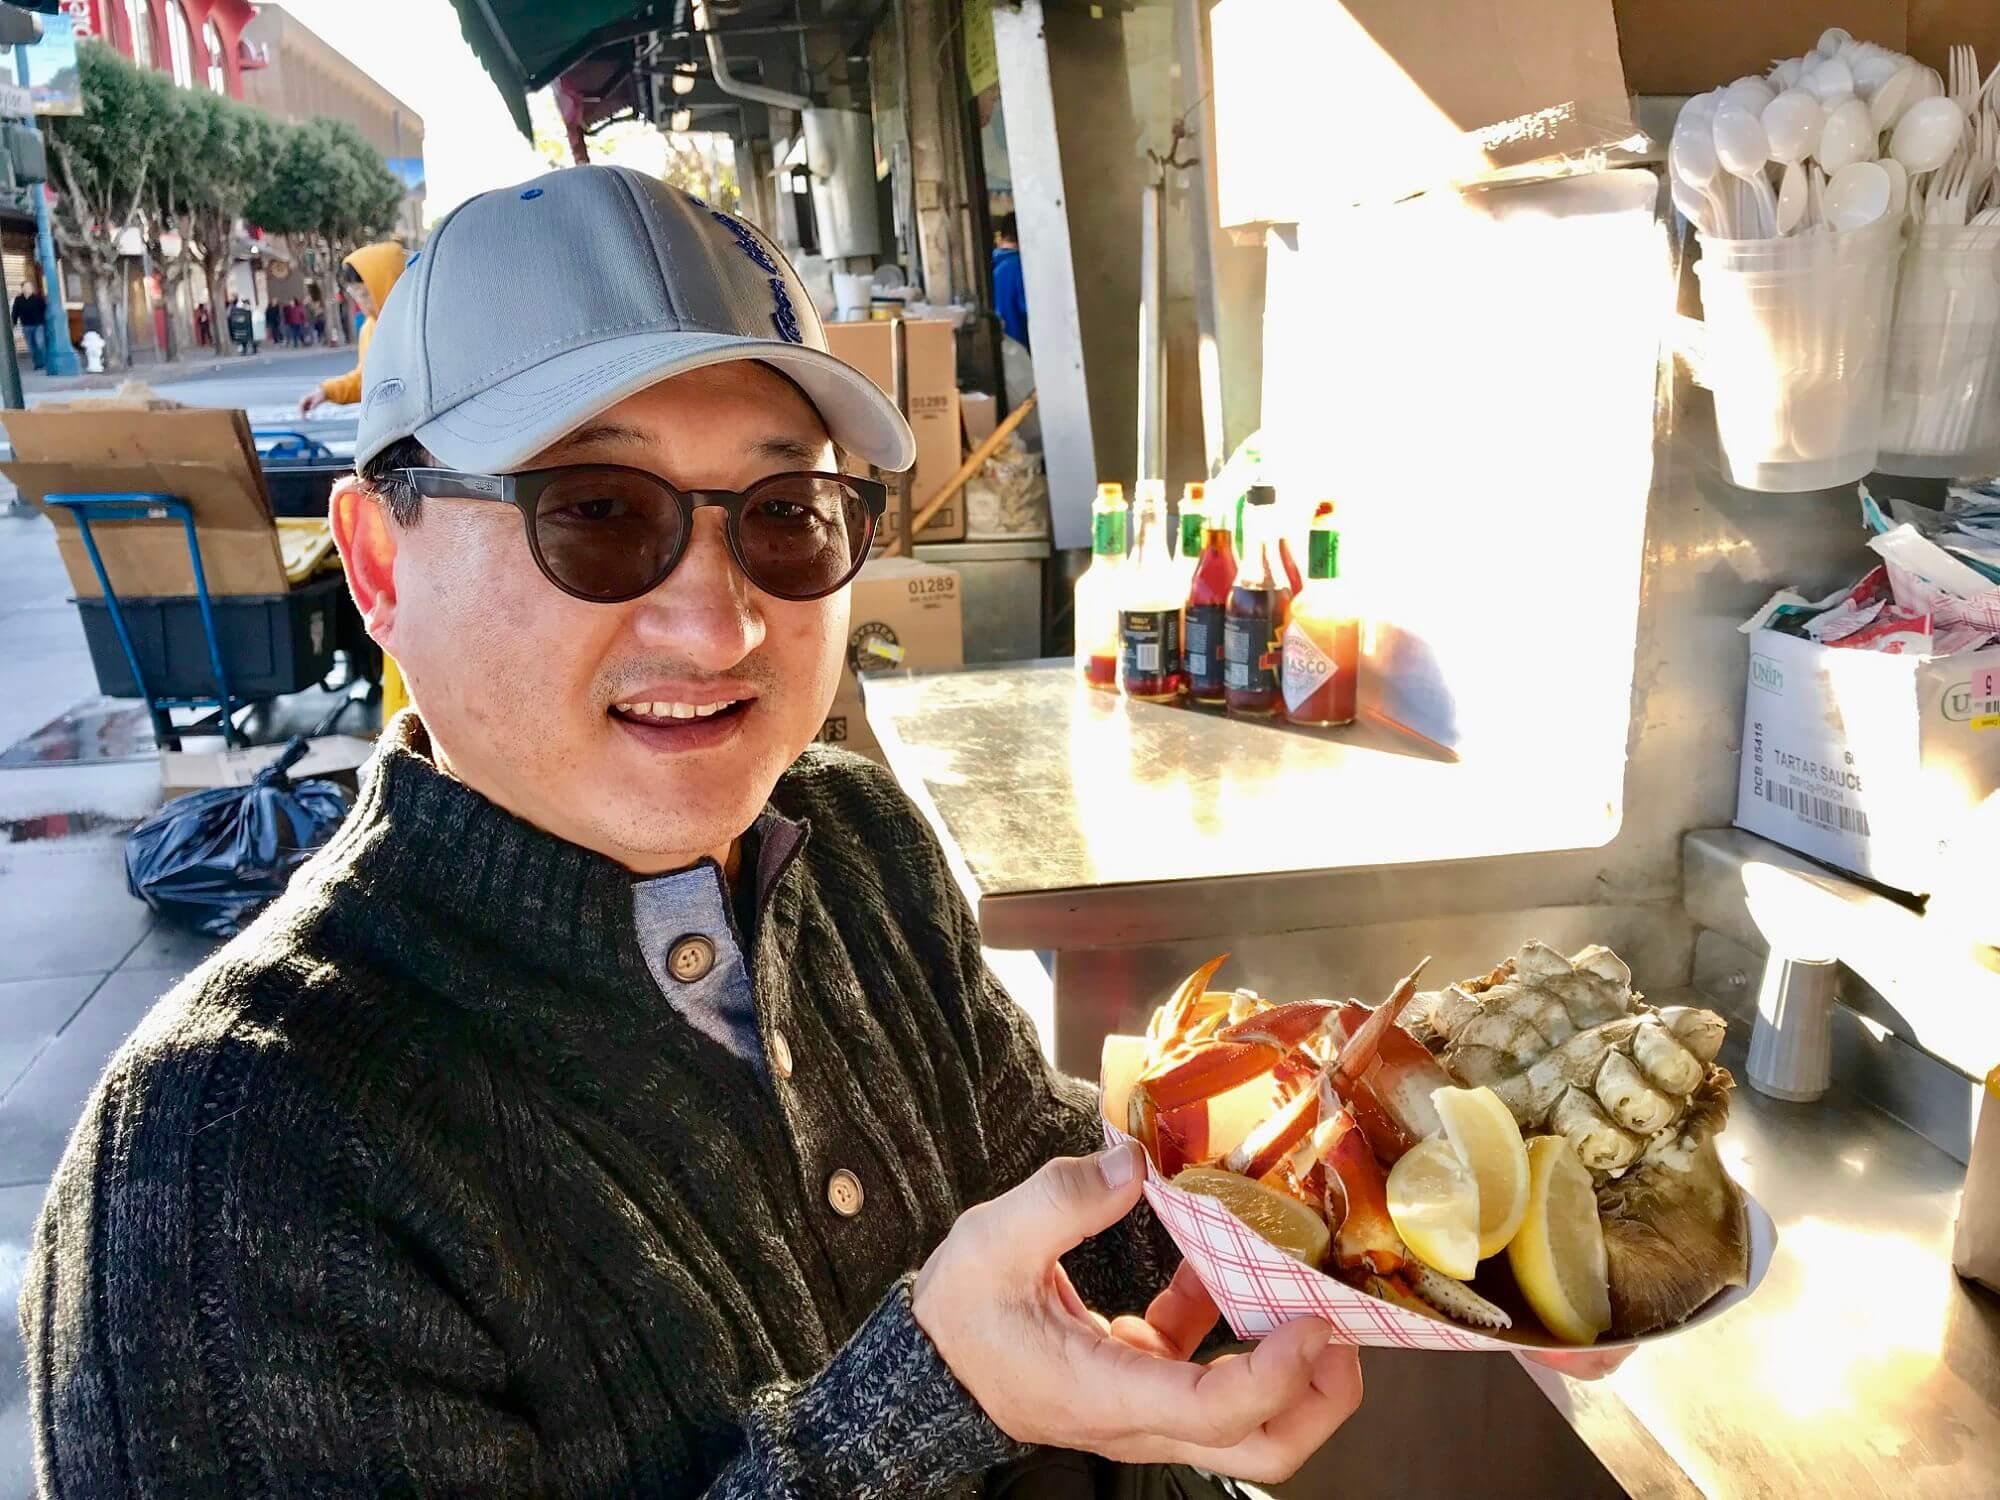 Jason eating crab at Fisherman's Wharf in San Francisco